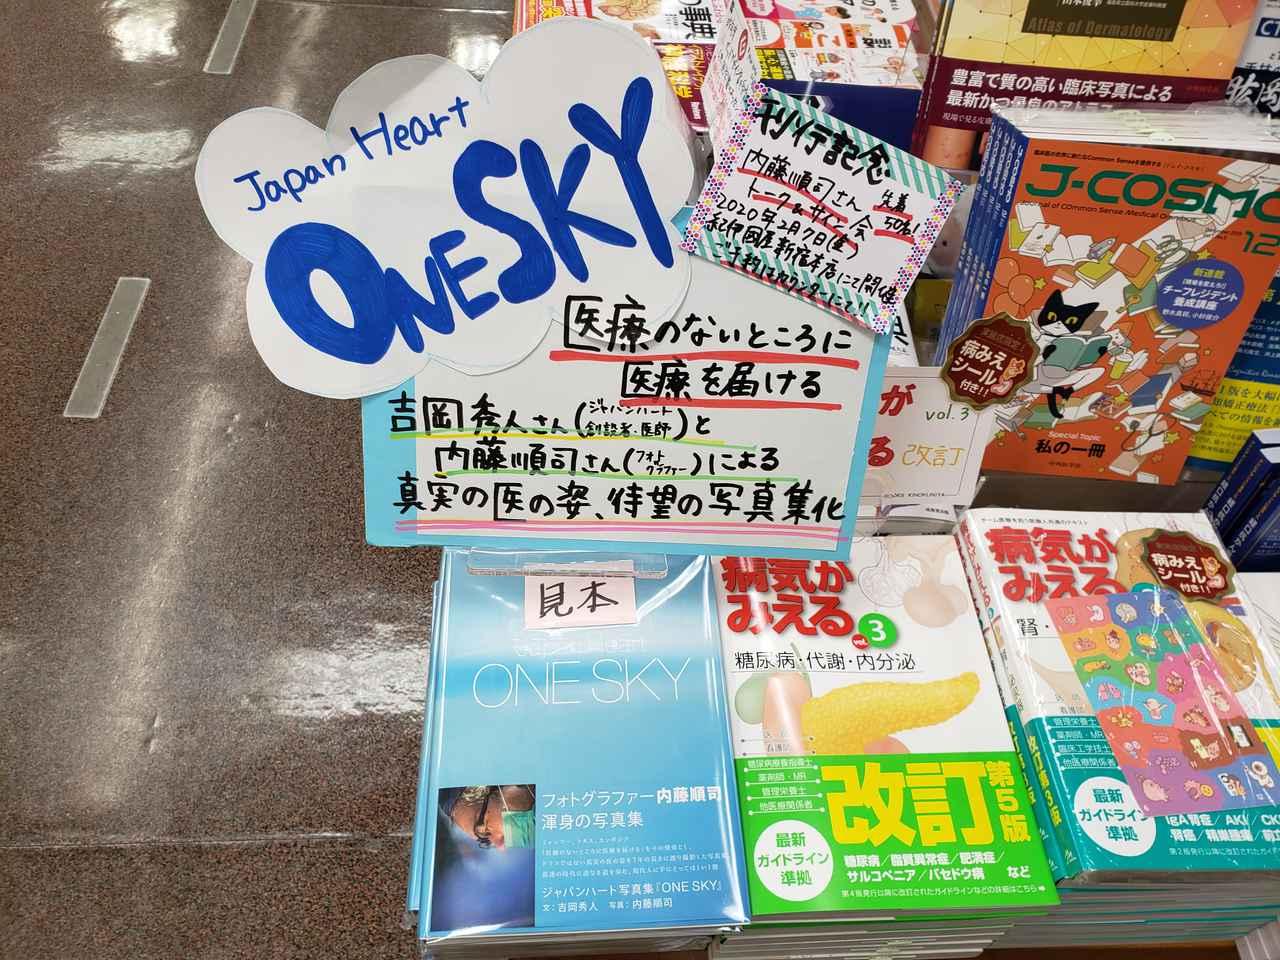 画像: 紀伊國屋書店 新宿本店では5階にて、写真集『ONE SKY』を販売中です!